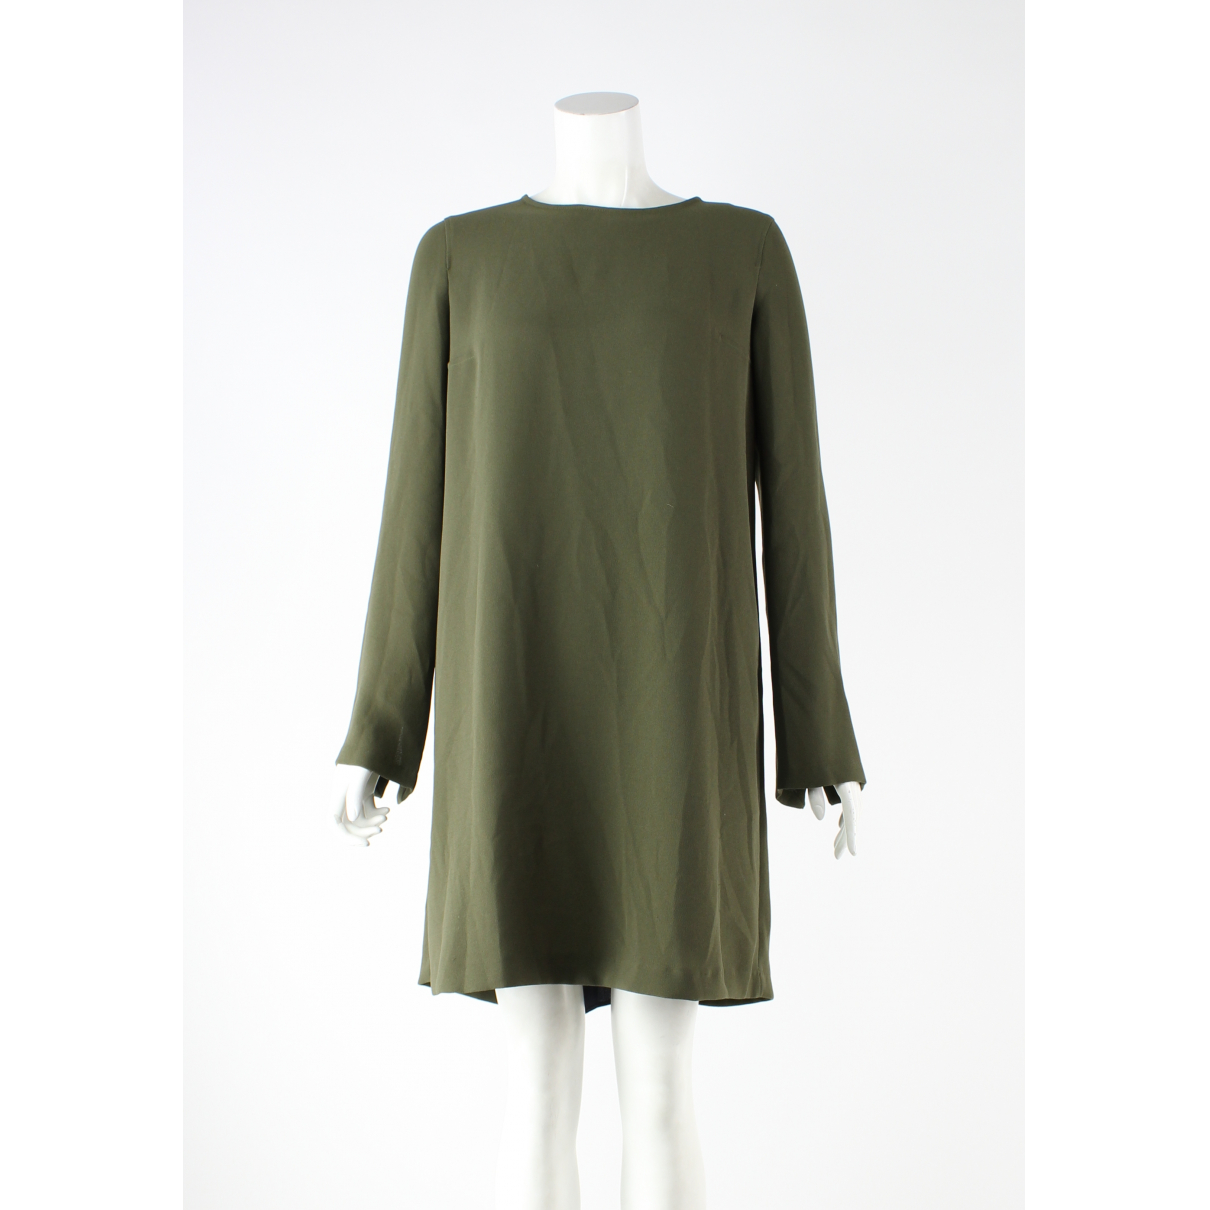 Claudie Pierlot \N Kleid in  Gruen Polyester